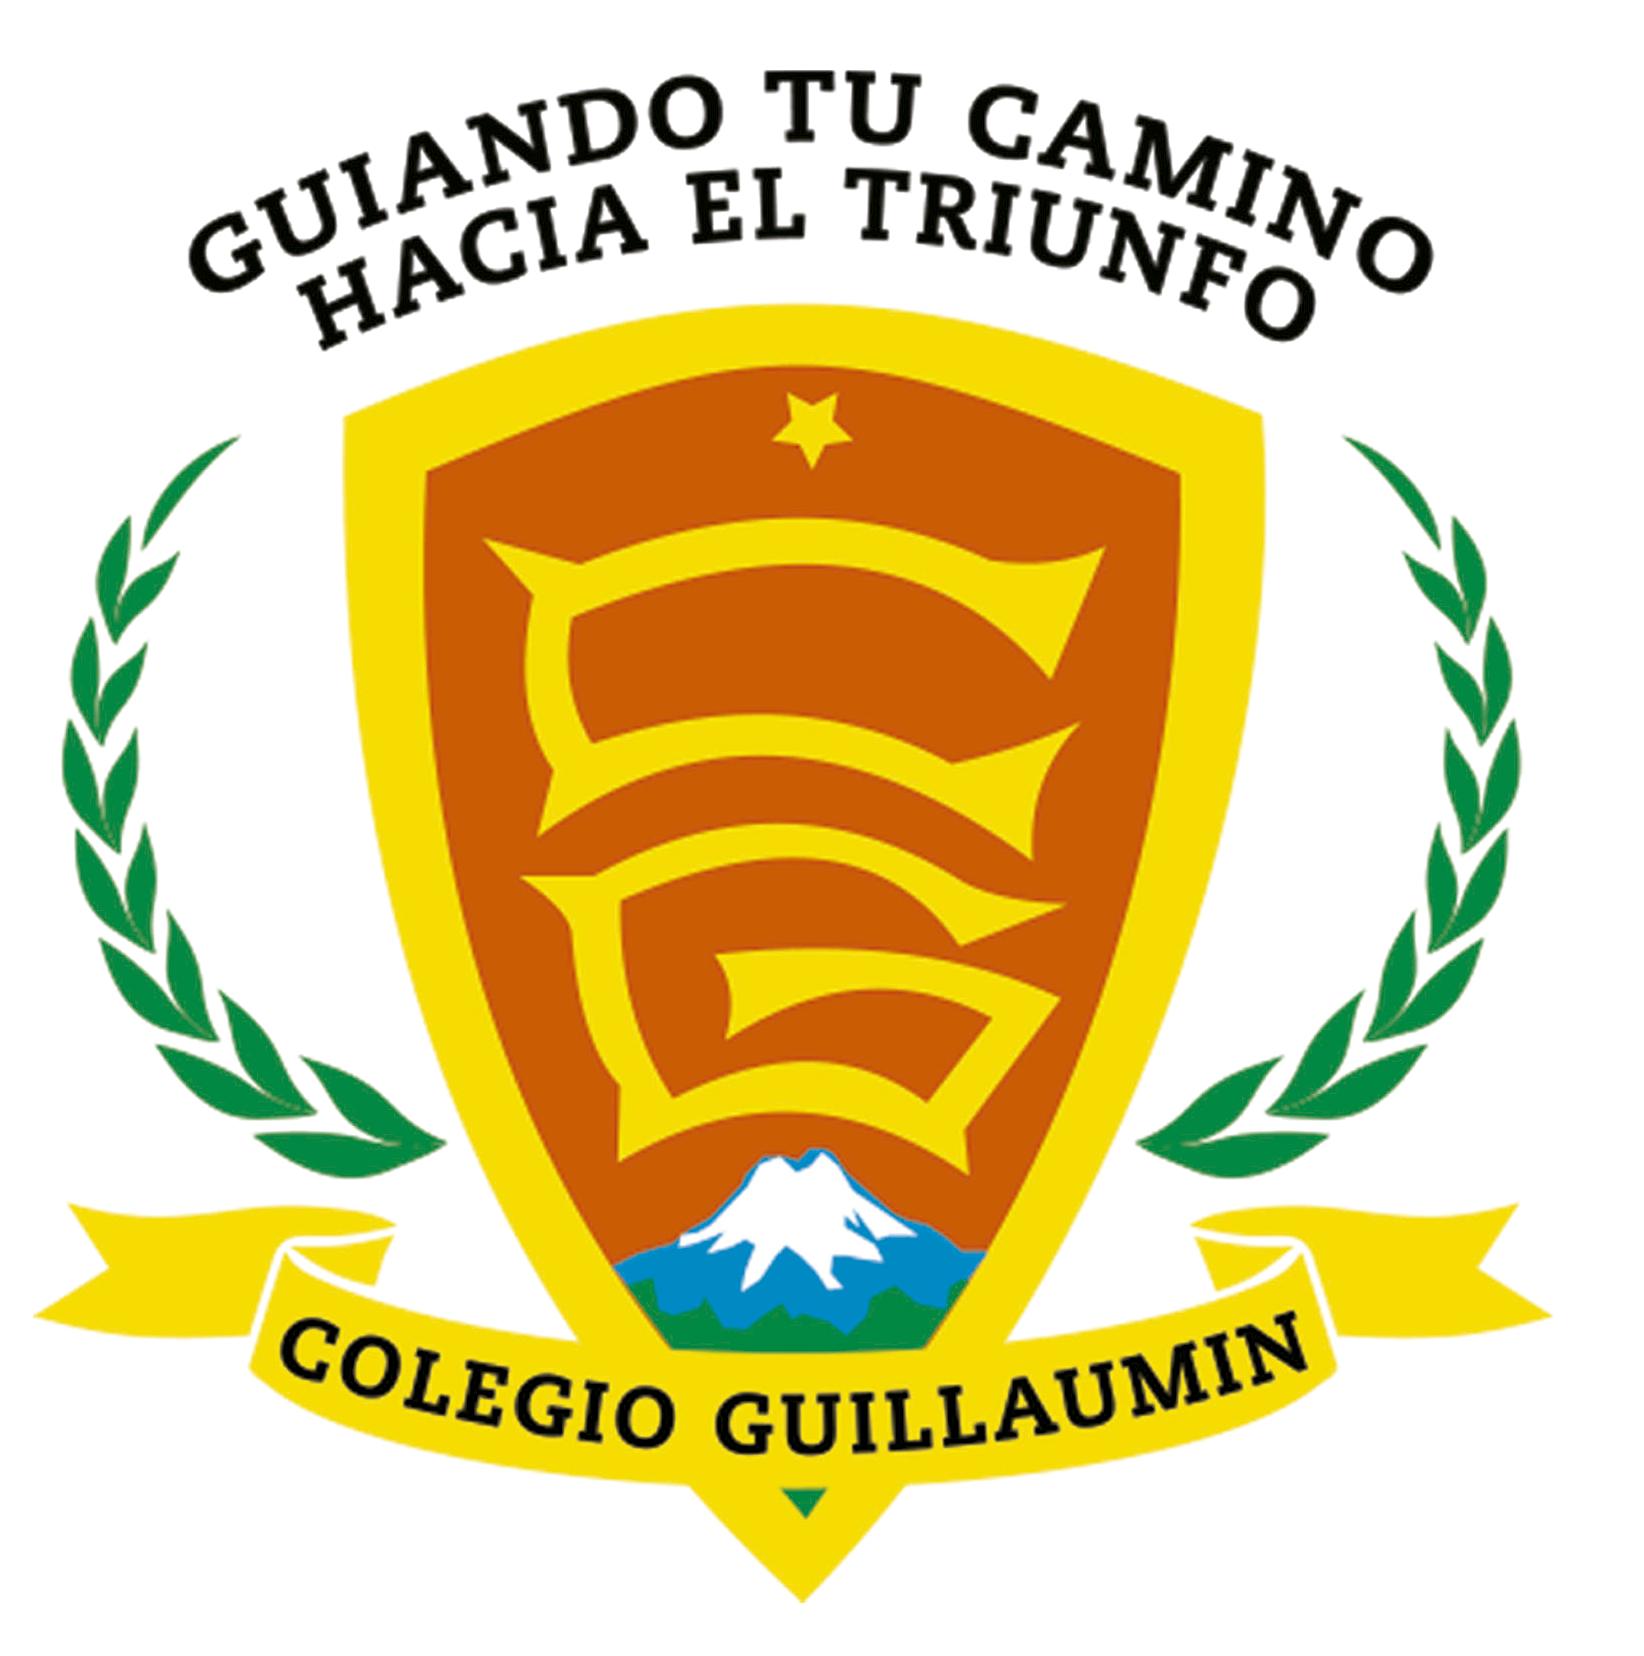 Colegio Guillaumin.png